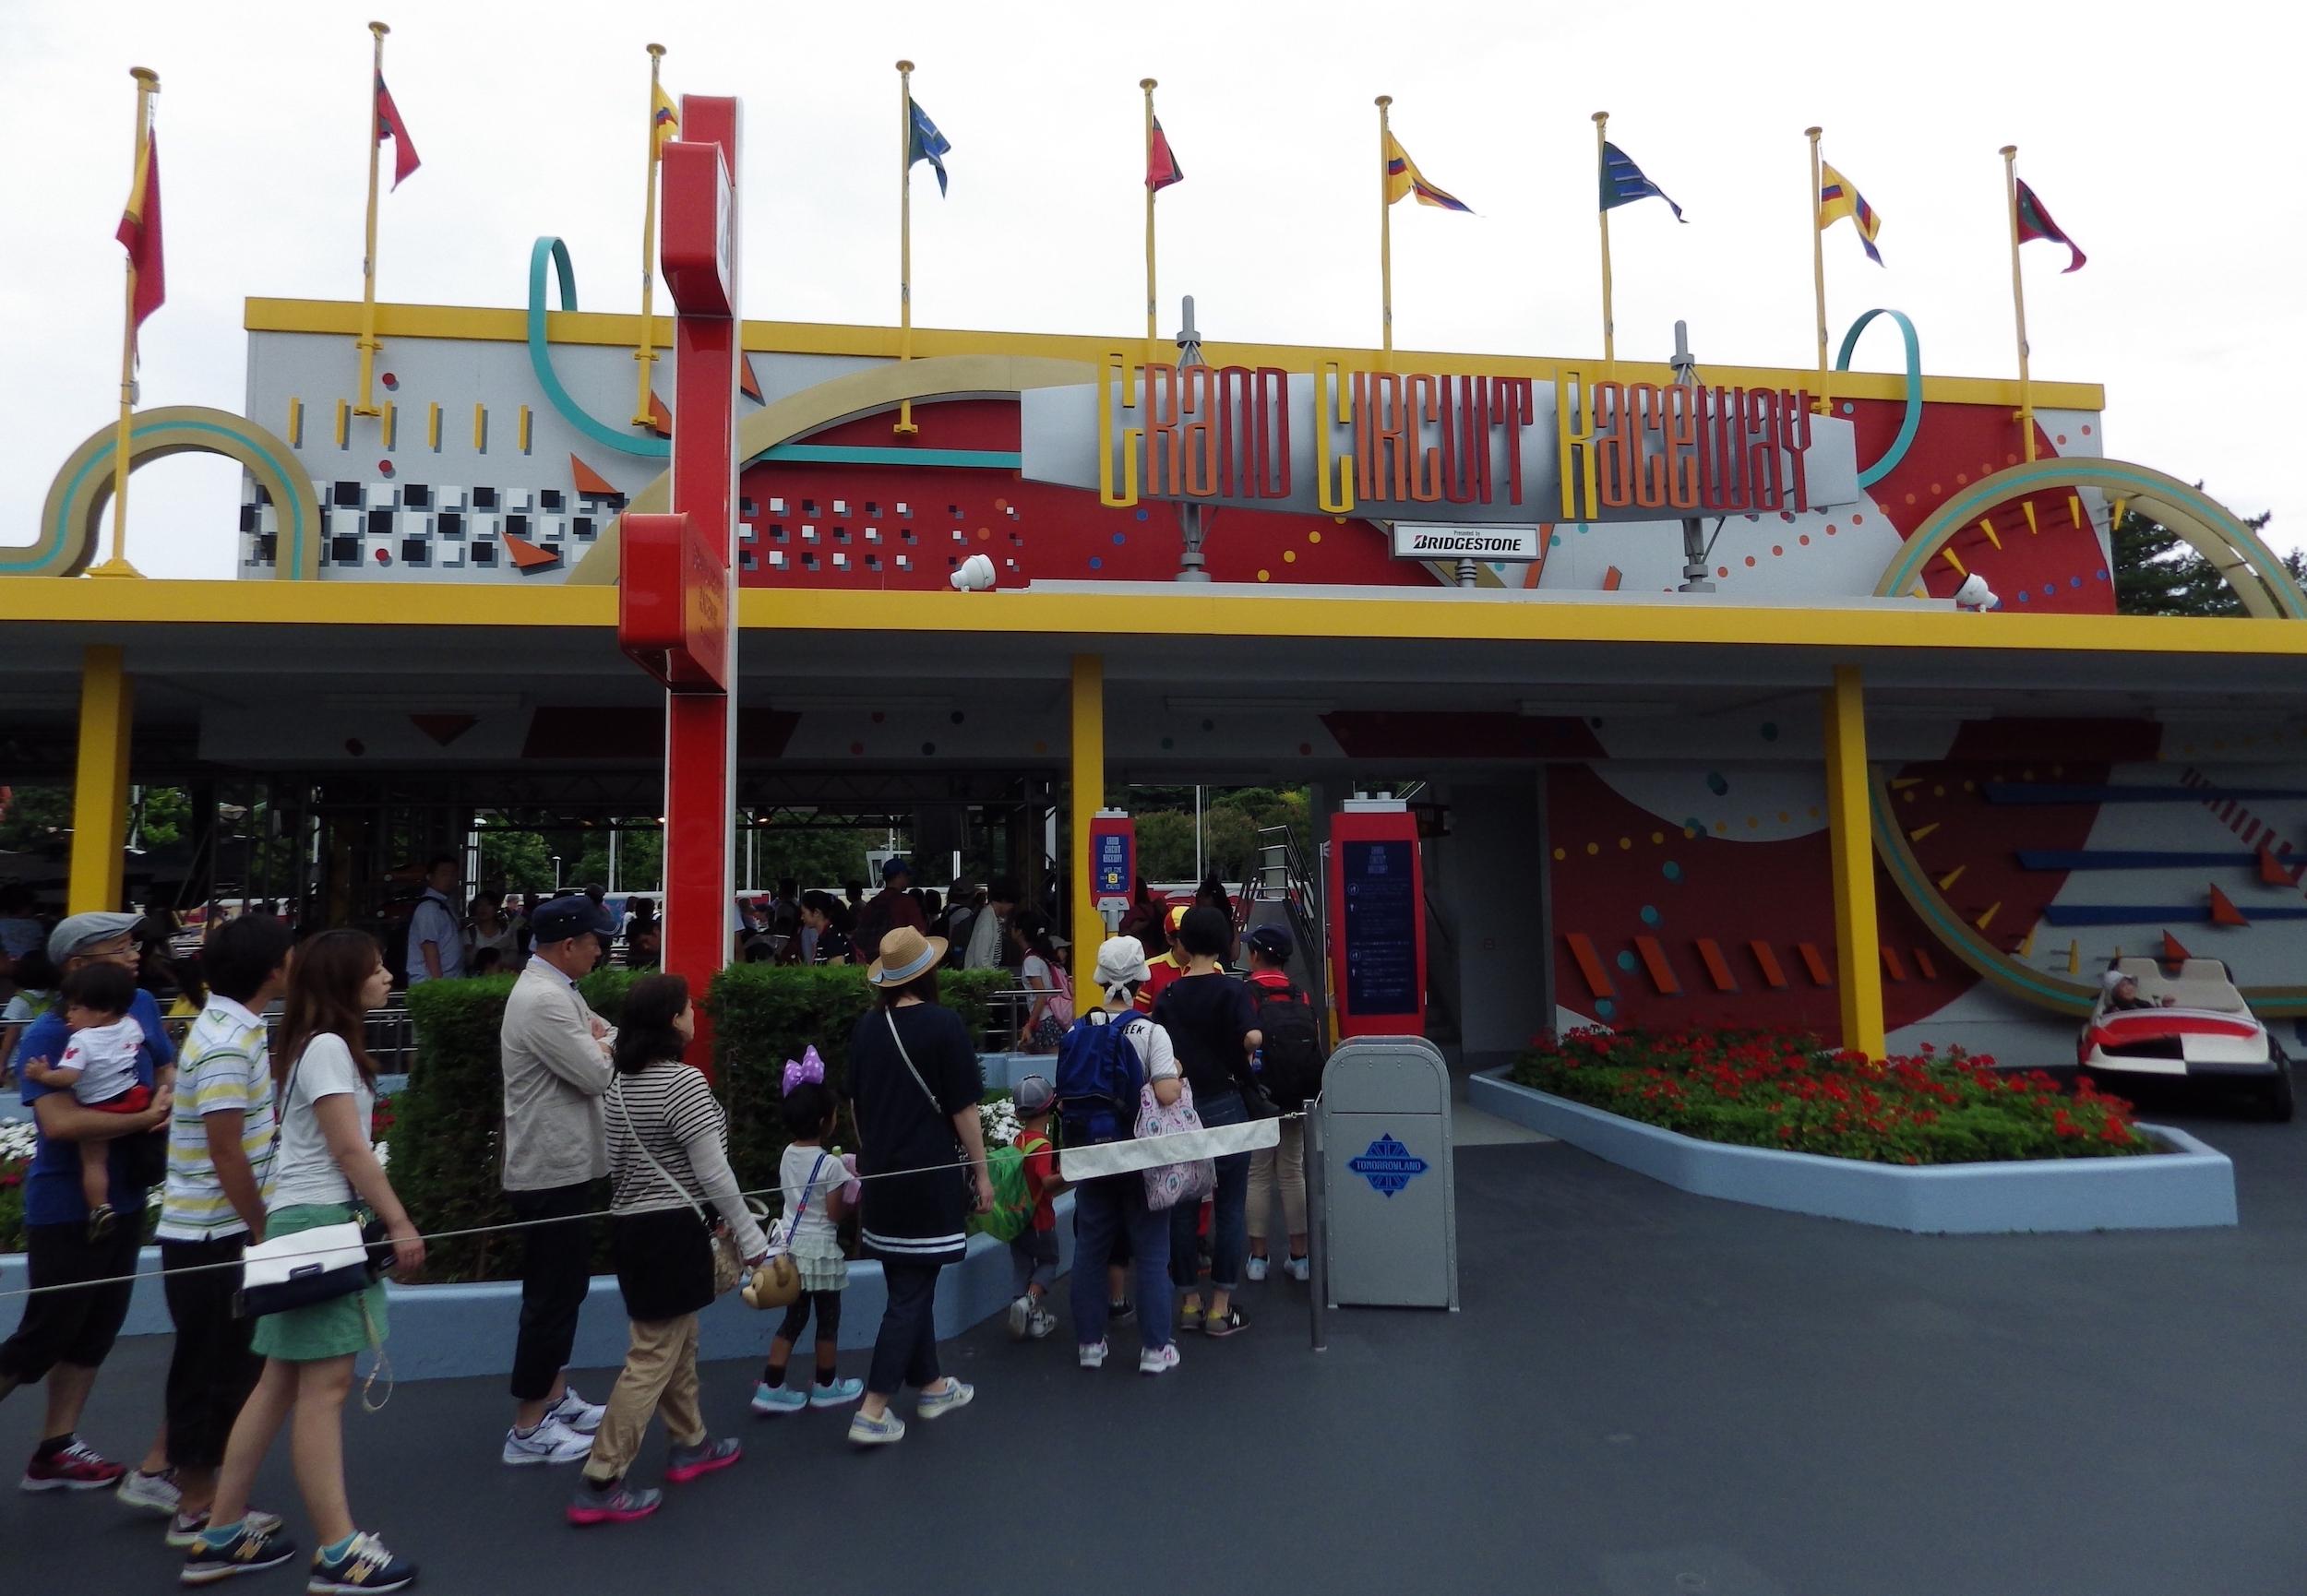 Old_TDL_Tomorrowland_001_9x13.jpg